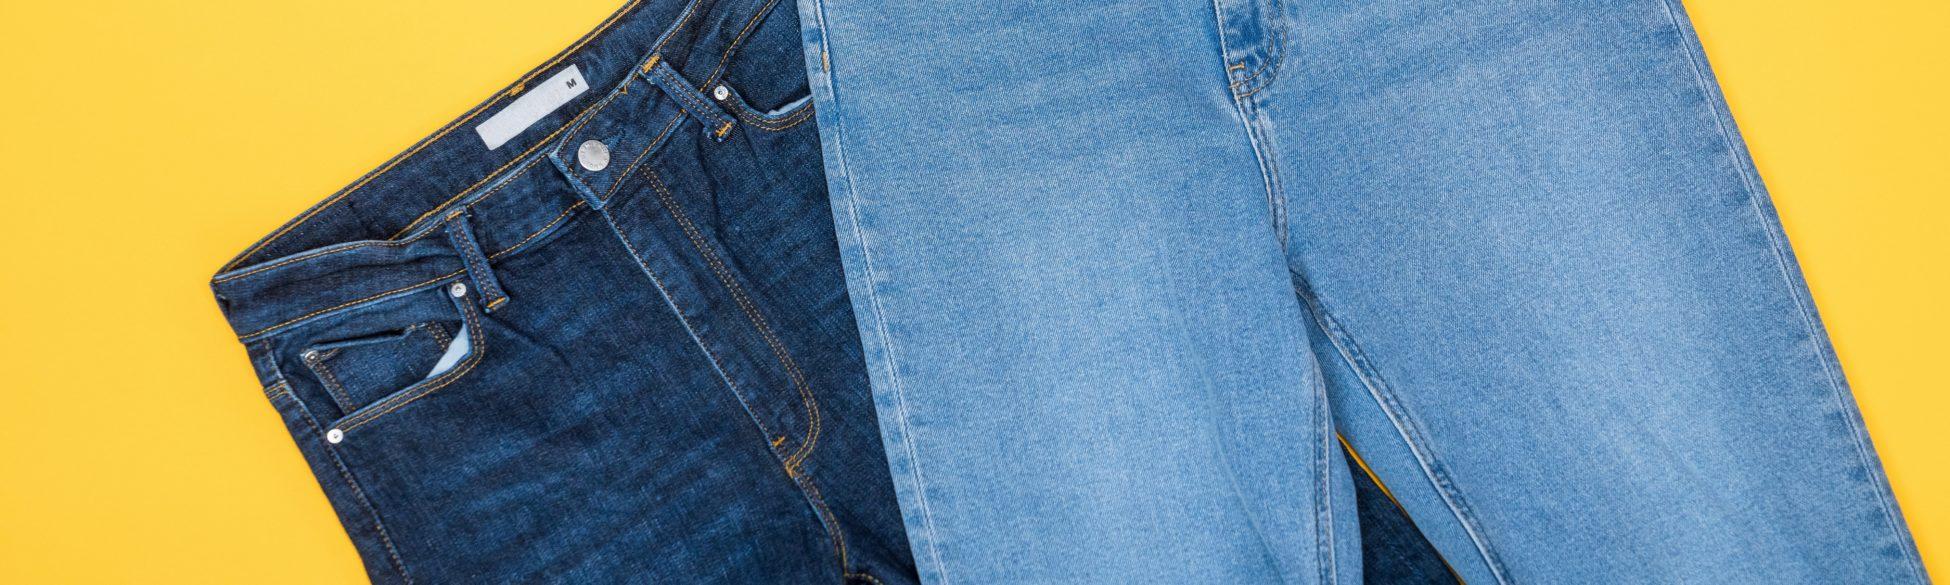 Risaiset housut osuivat onnistuneesti ärsytyshermoon